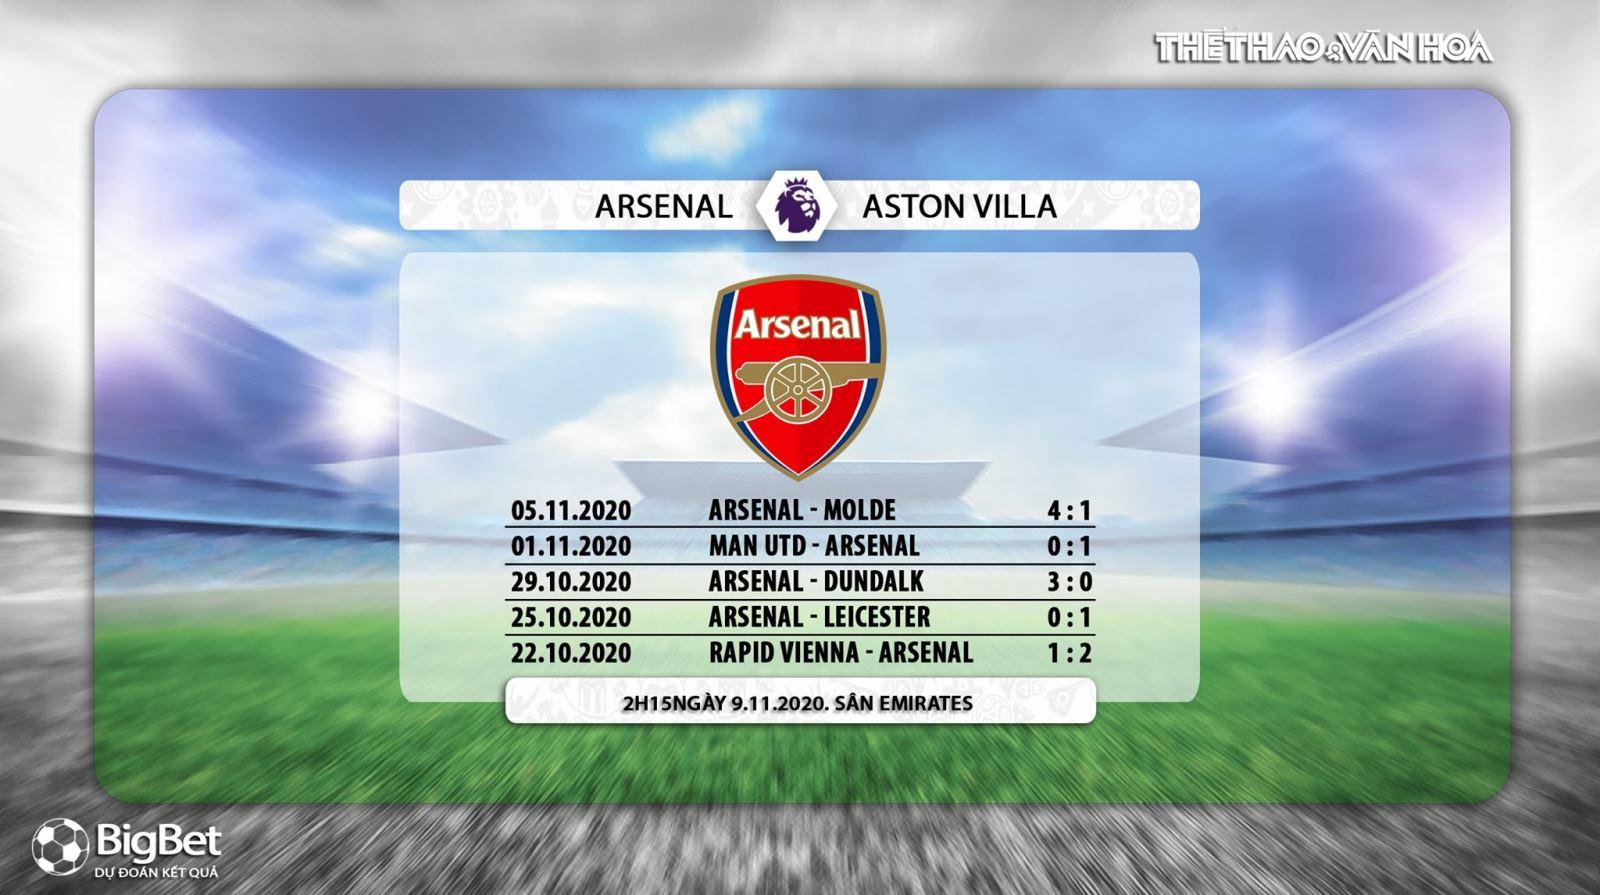 Keo nha cai, kèo nhà cái, Arsenal vs Aston Villa, K+, K+PM, Truc tiep bong da, Ngoại hạng Anh, Xem K+, trực tiếp bóng đá Anh, Soi kèo bóng đá, kèo Arsenal, xem bóng đá